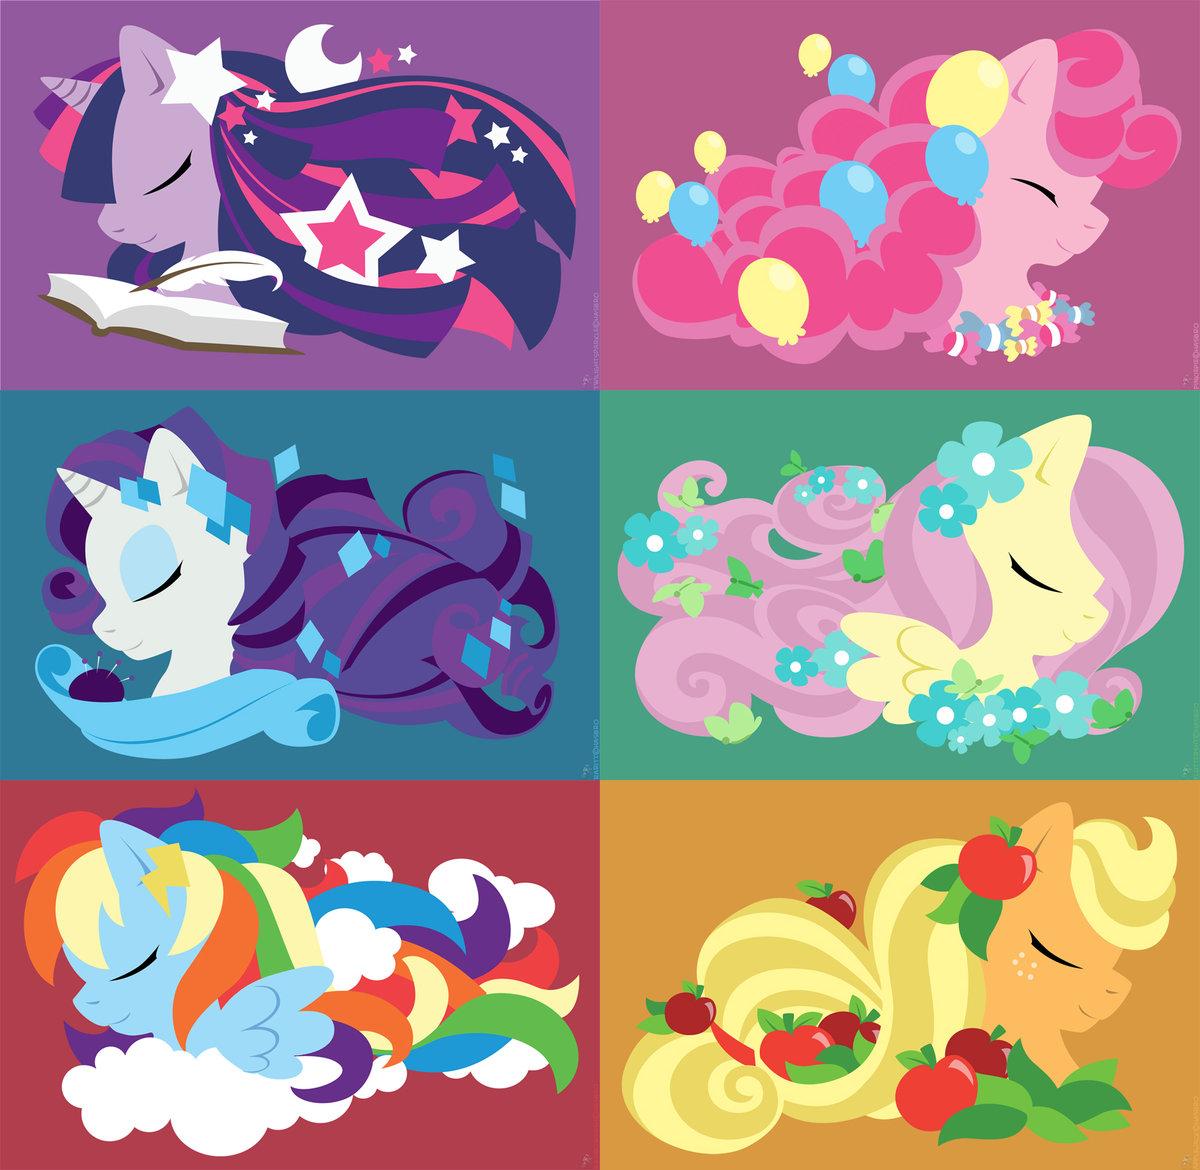 сказал, цветные картинки для принтера пони компания может